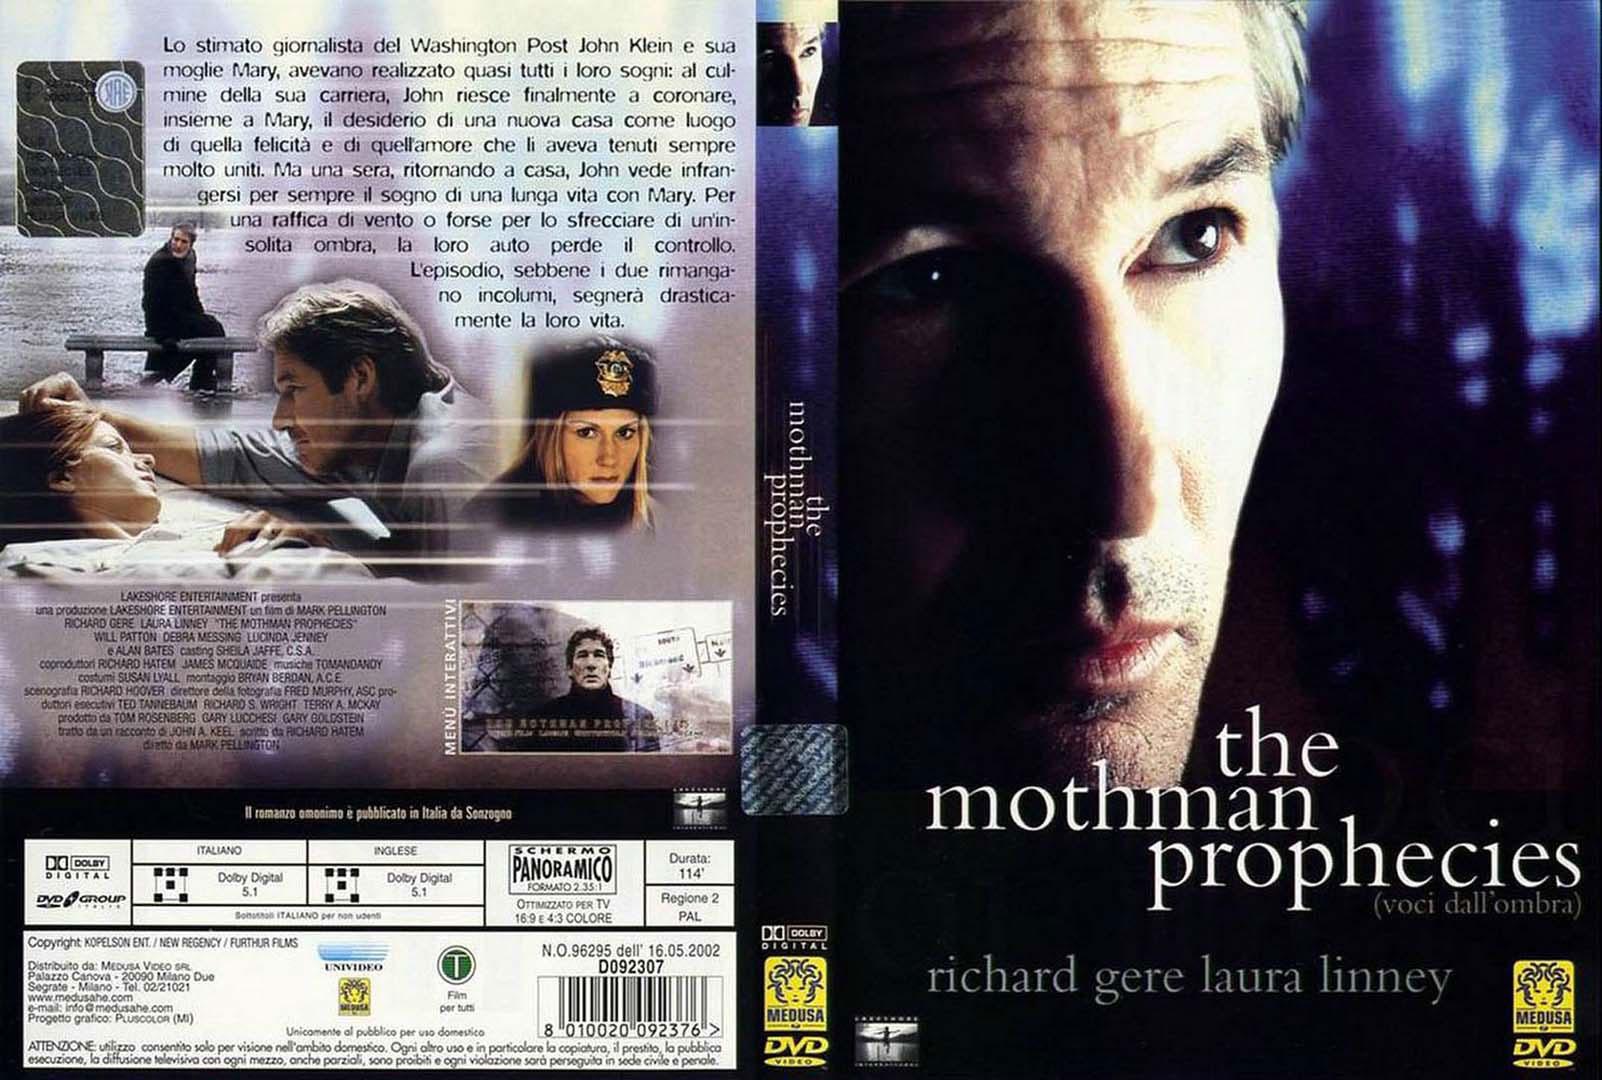 Le profezie di Mothman: un mistero mai risolto